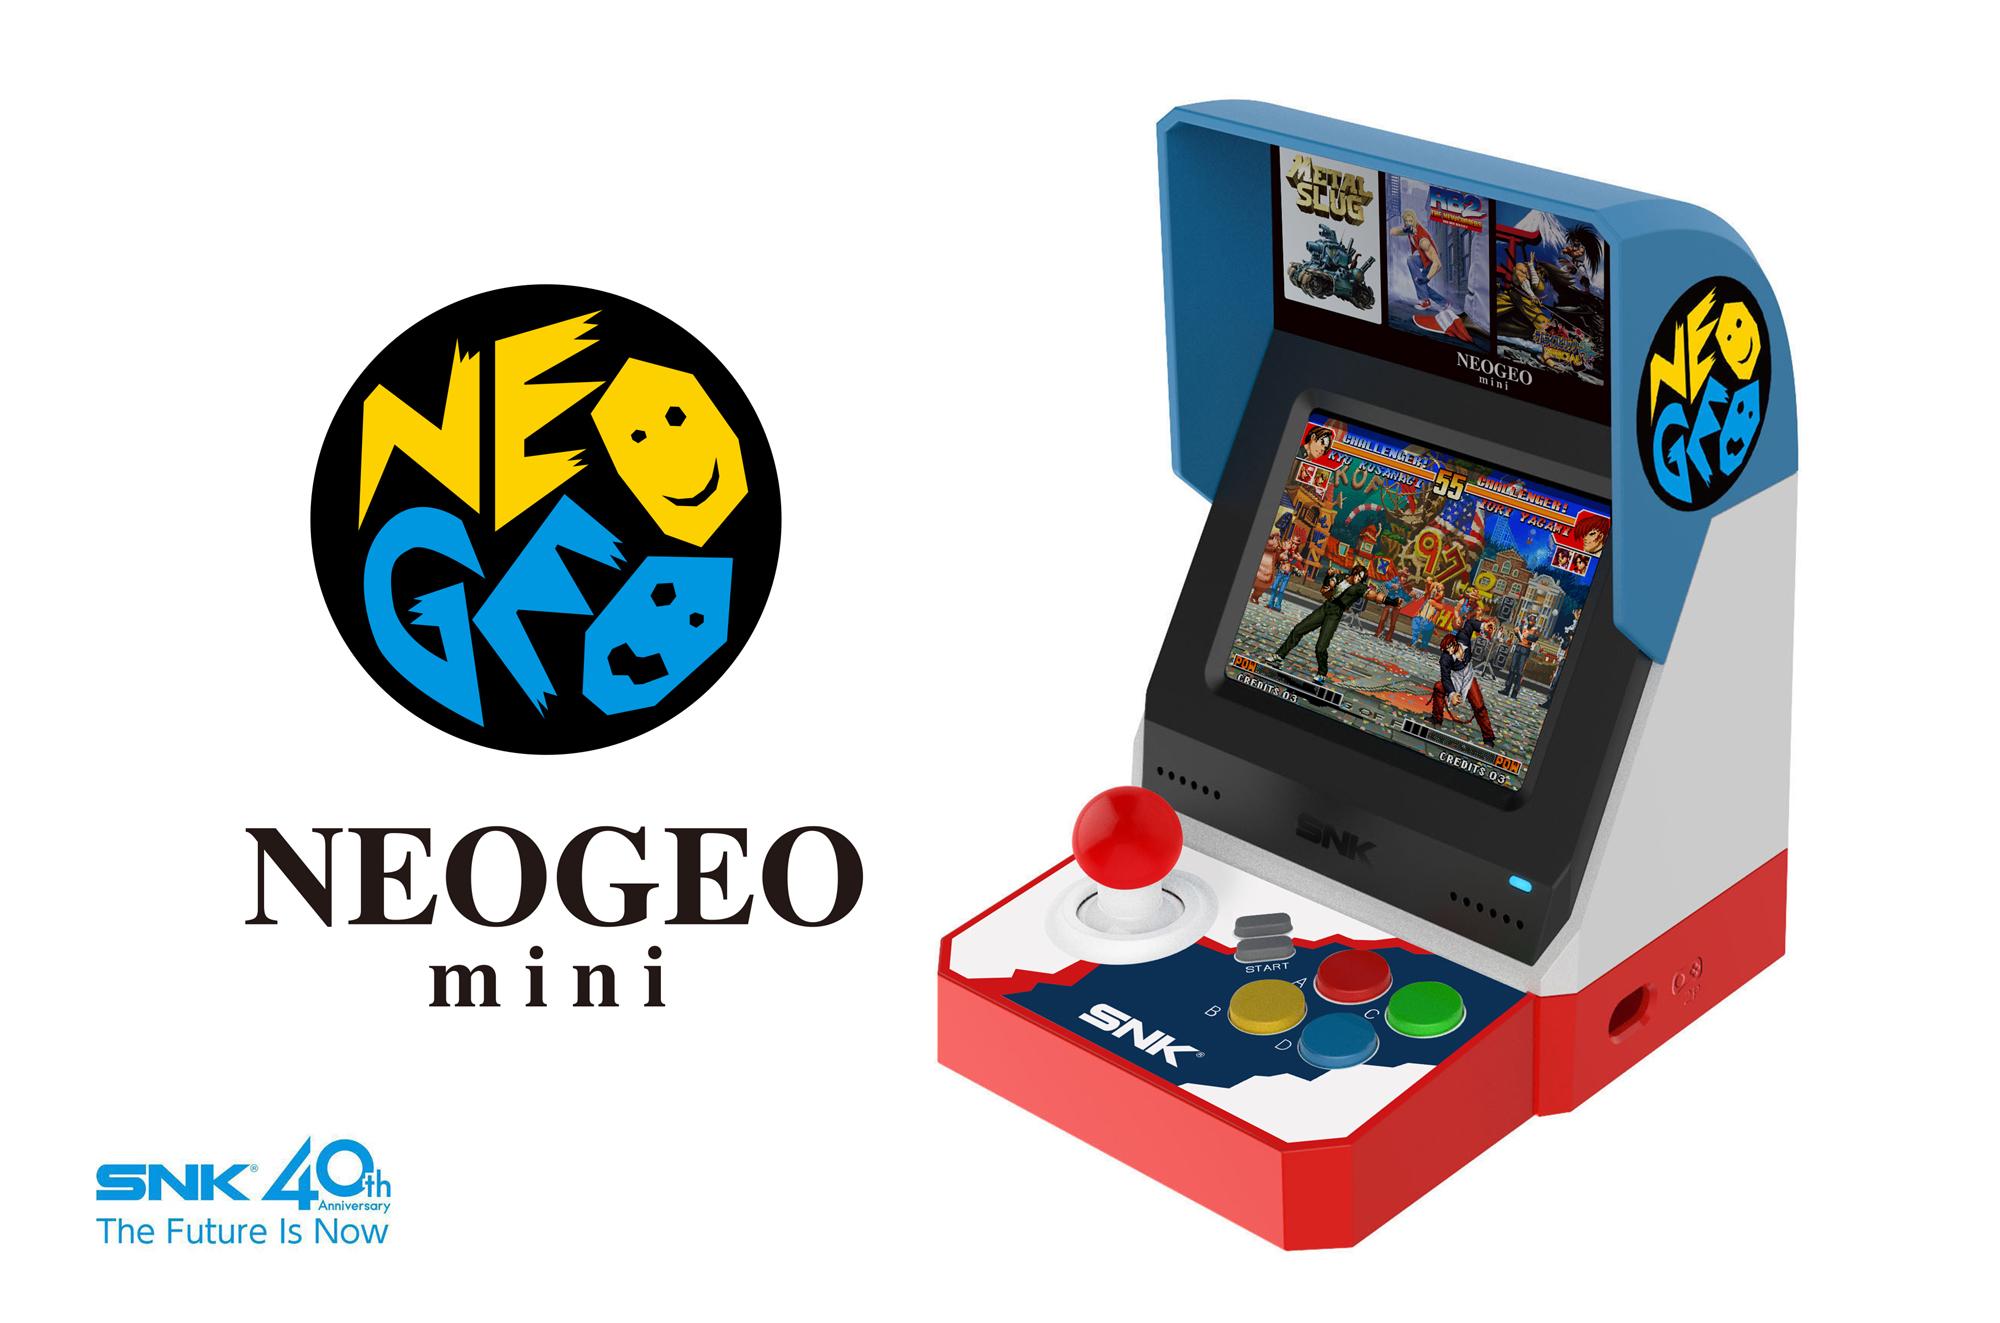 SNKブランド40周年記念して発売される「NEOGEO mini」